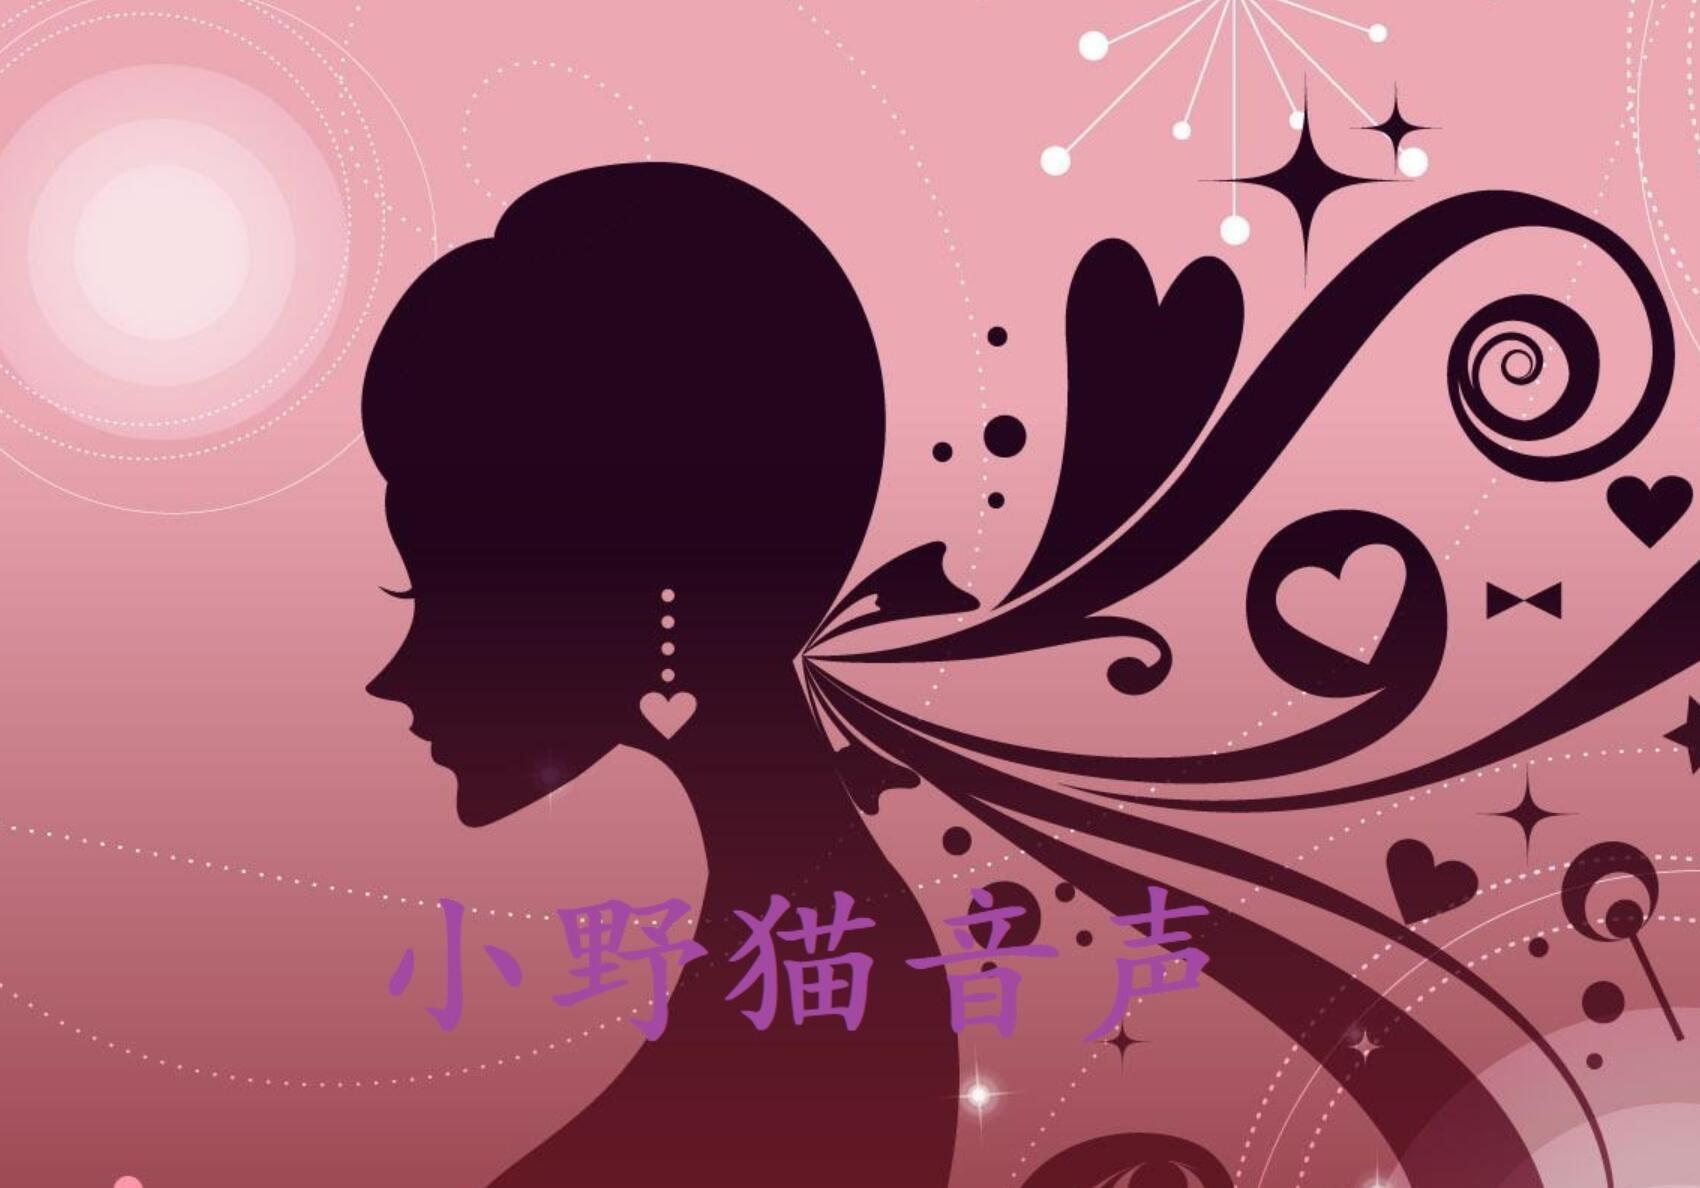 RJ324887 小野猫音声 温柔的扶她女友 CV小野猫 [20210422]